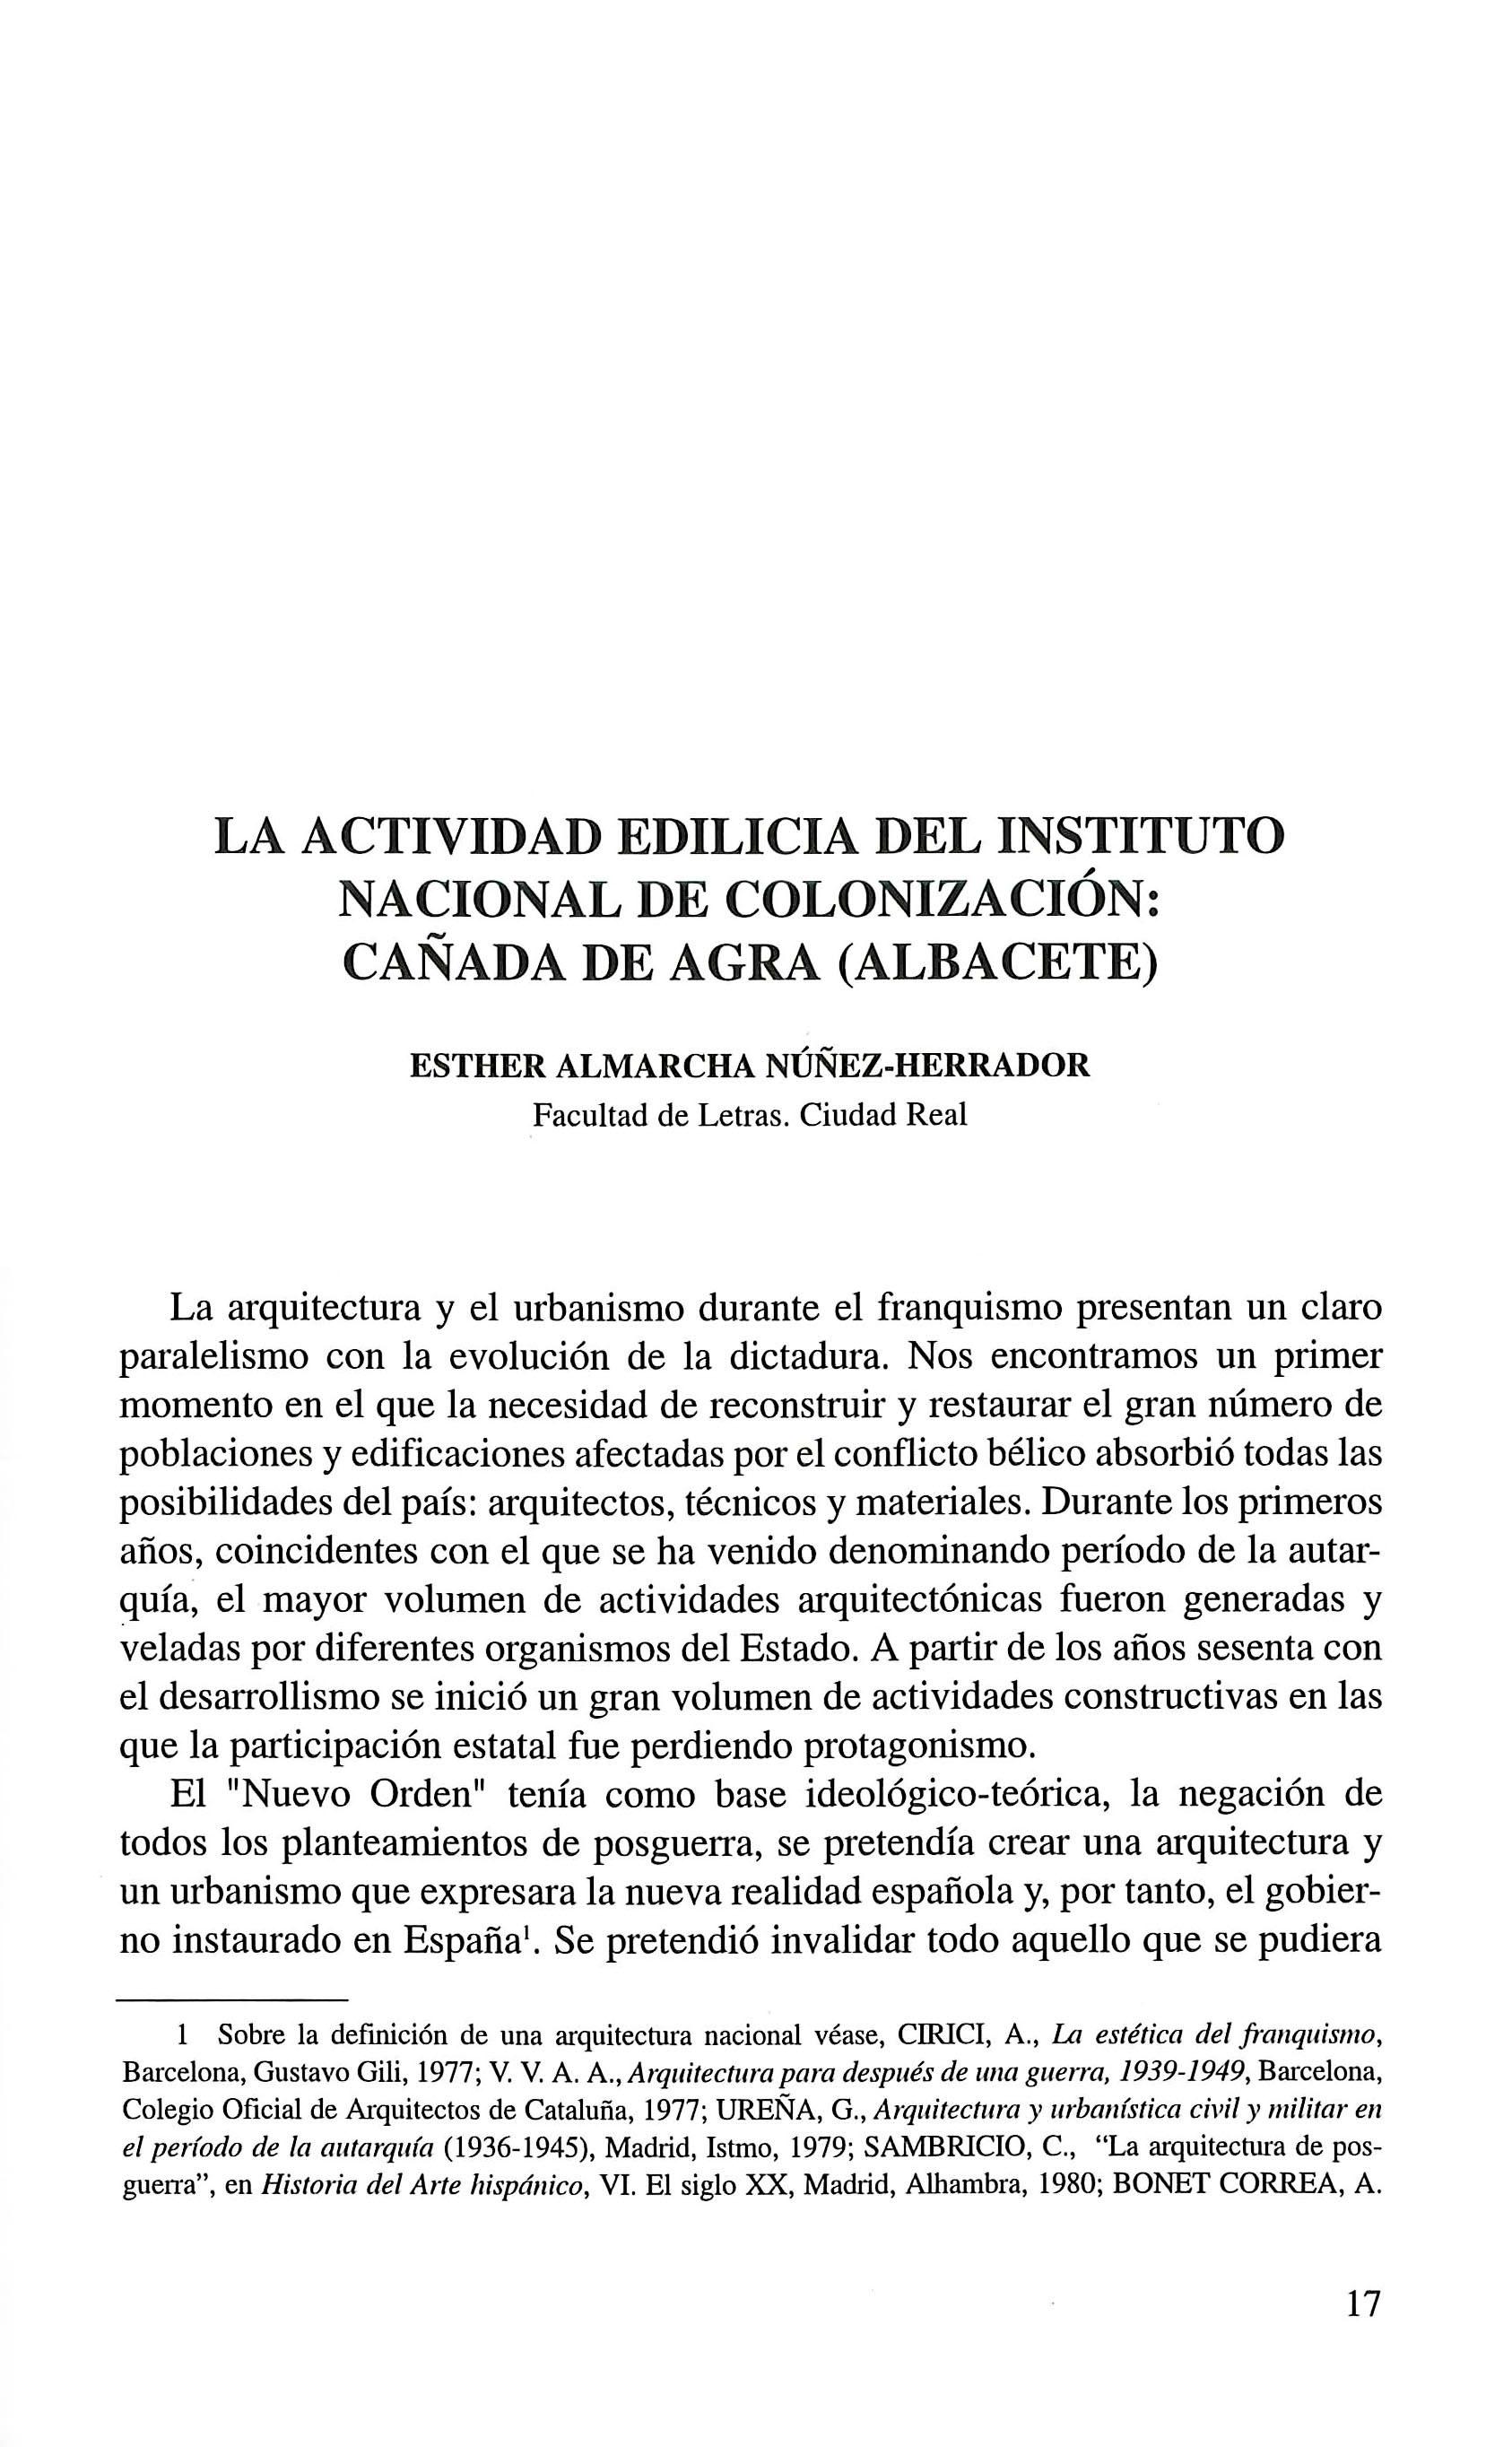 La actividad edilicia del Instituto Nacional de Colonización - Cañada de Agra